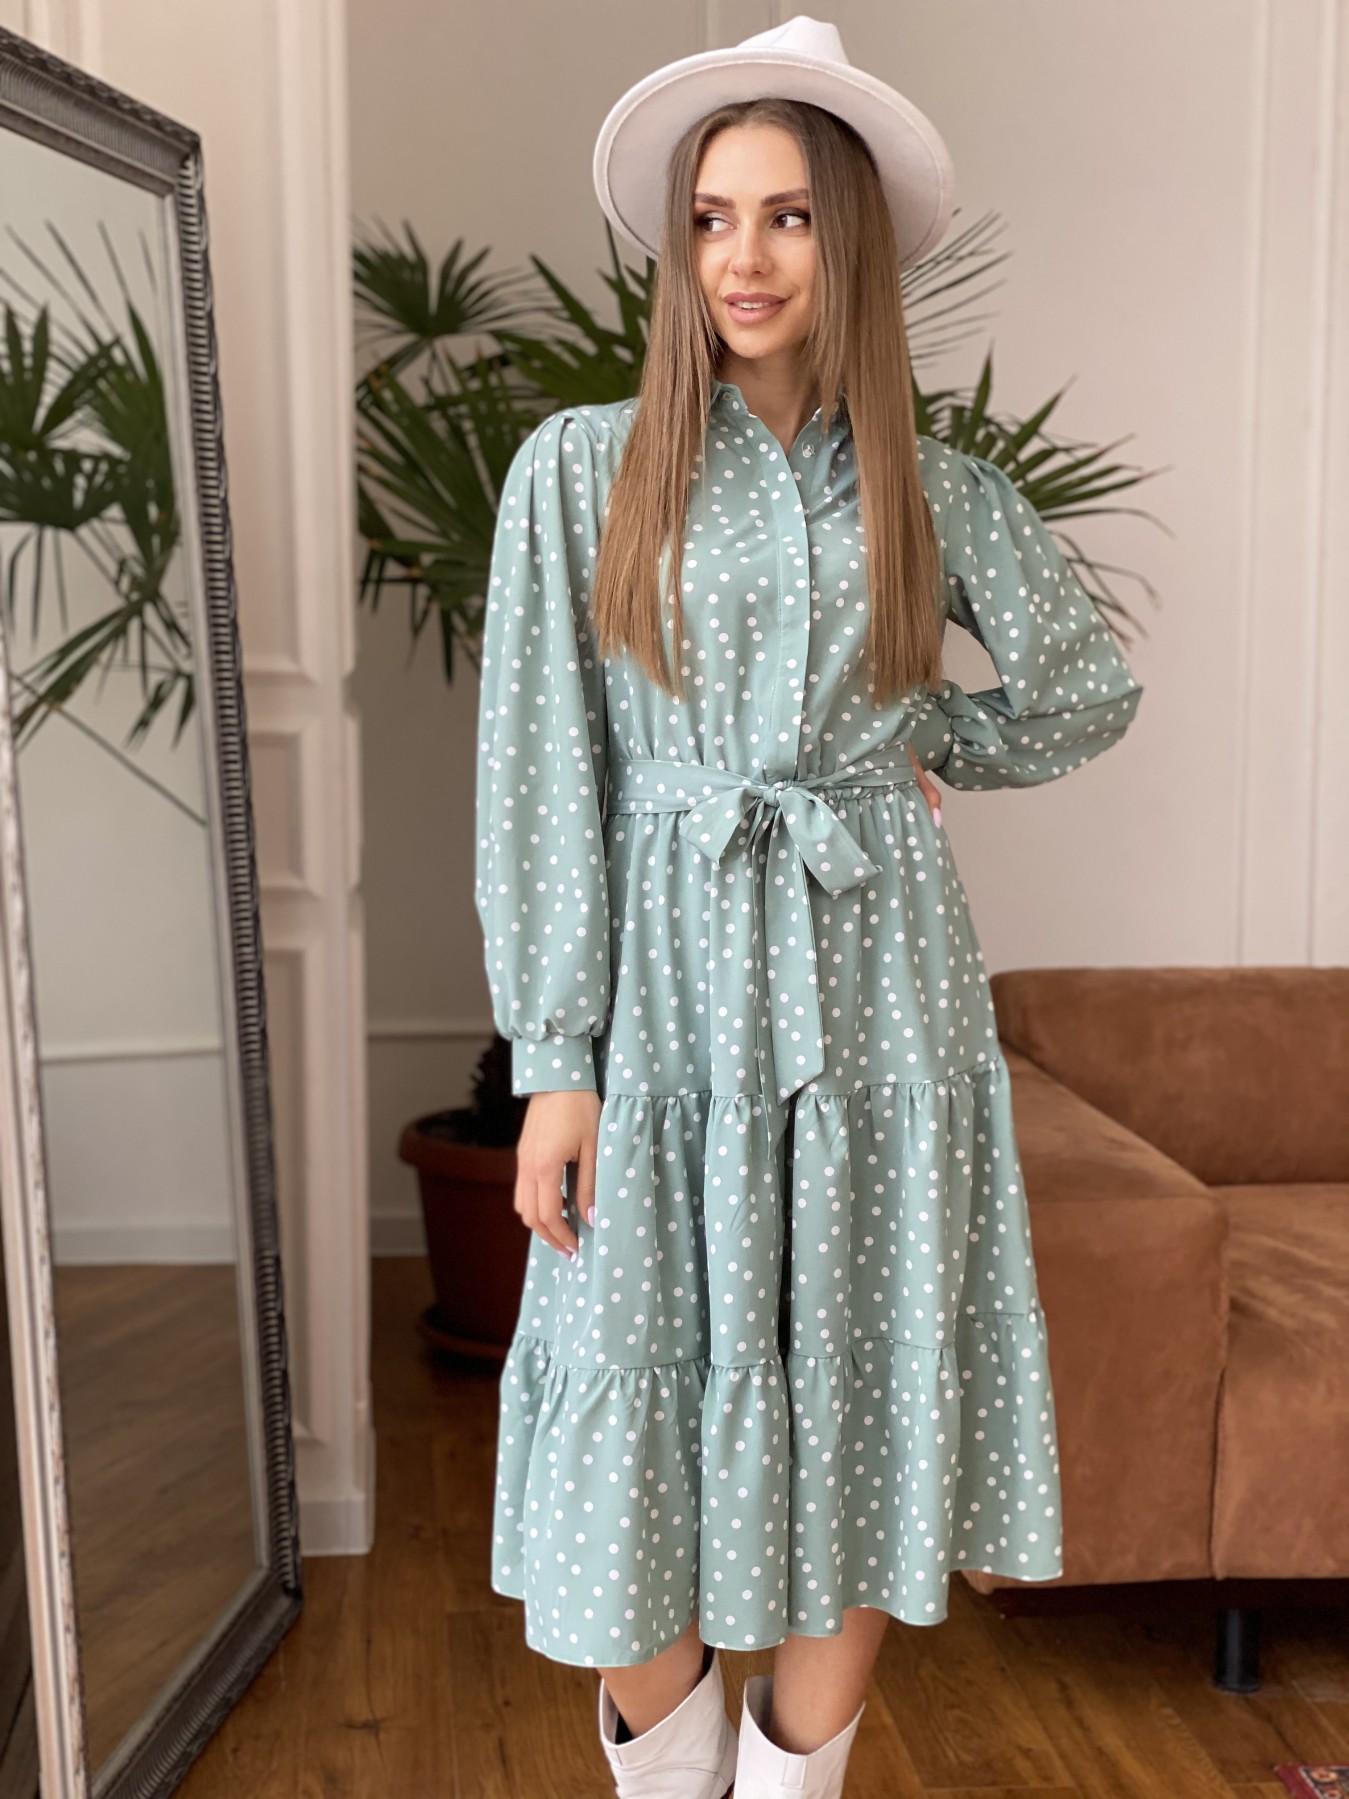 Лилия платье из софта с принтом 11108 АРТ. 47591 Цвет: МятаТем/БелыйГорохКом - фото 4, интернет магазин tm-modus.ru